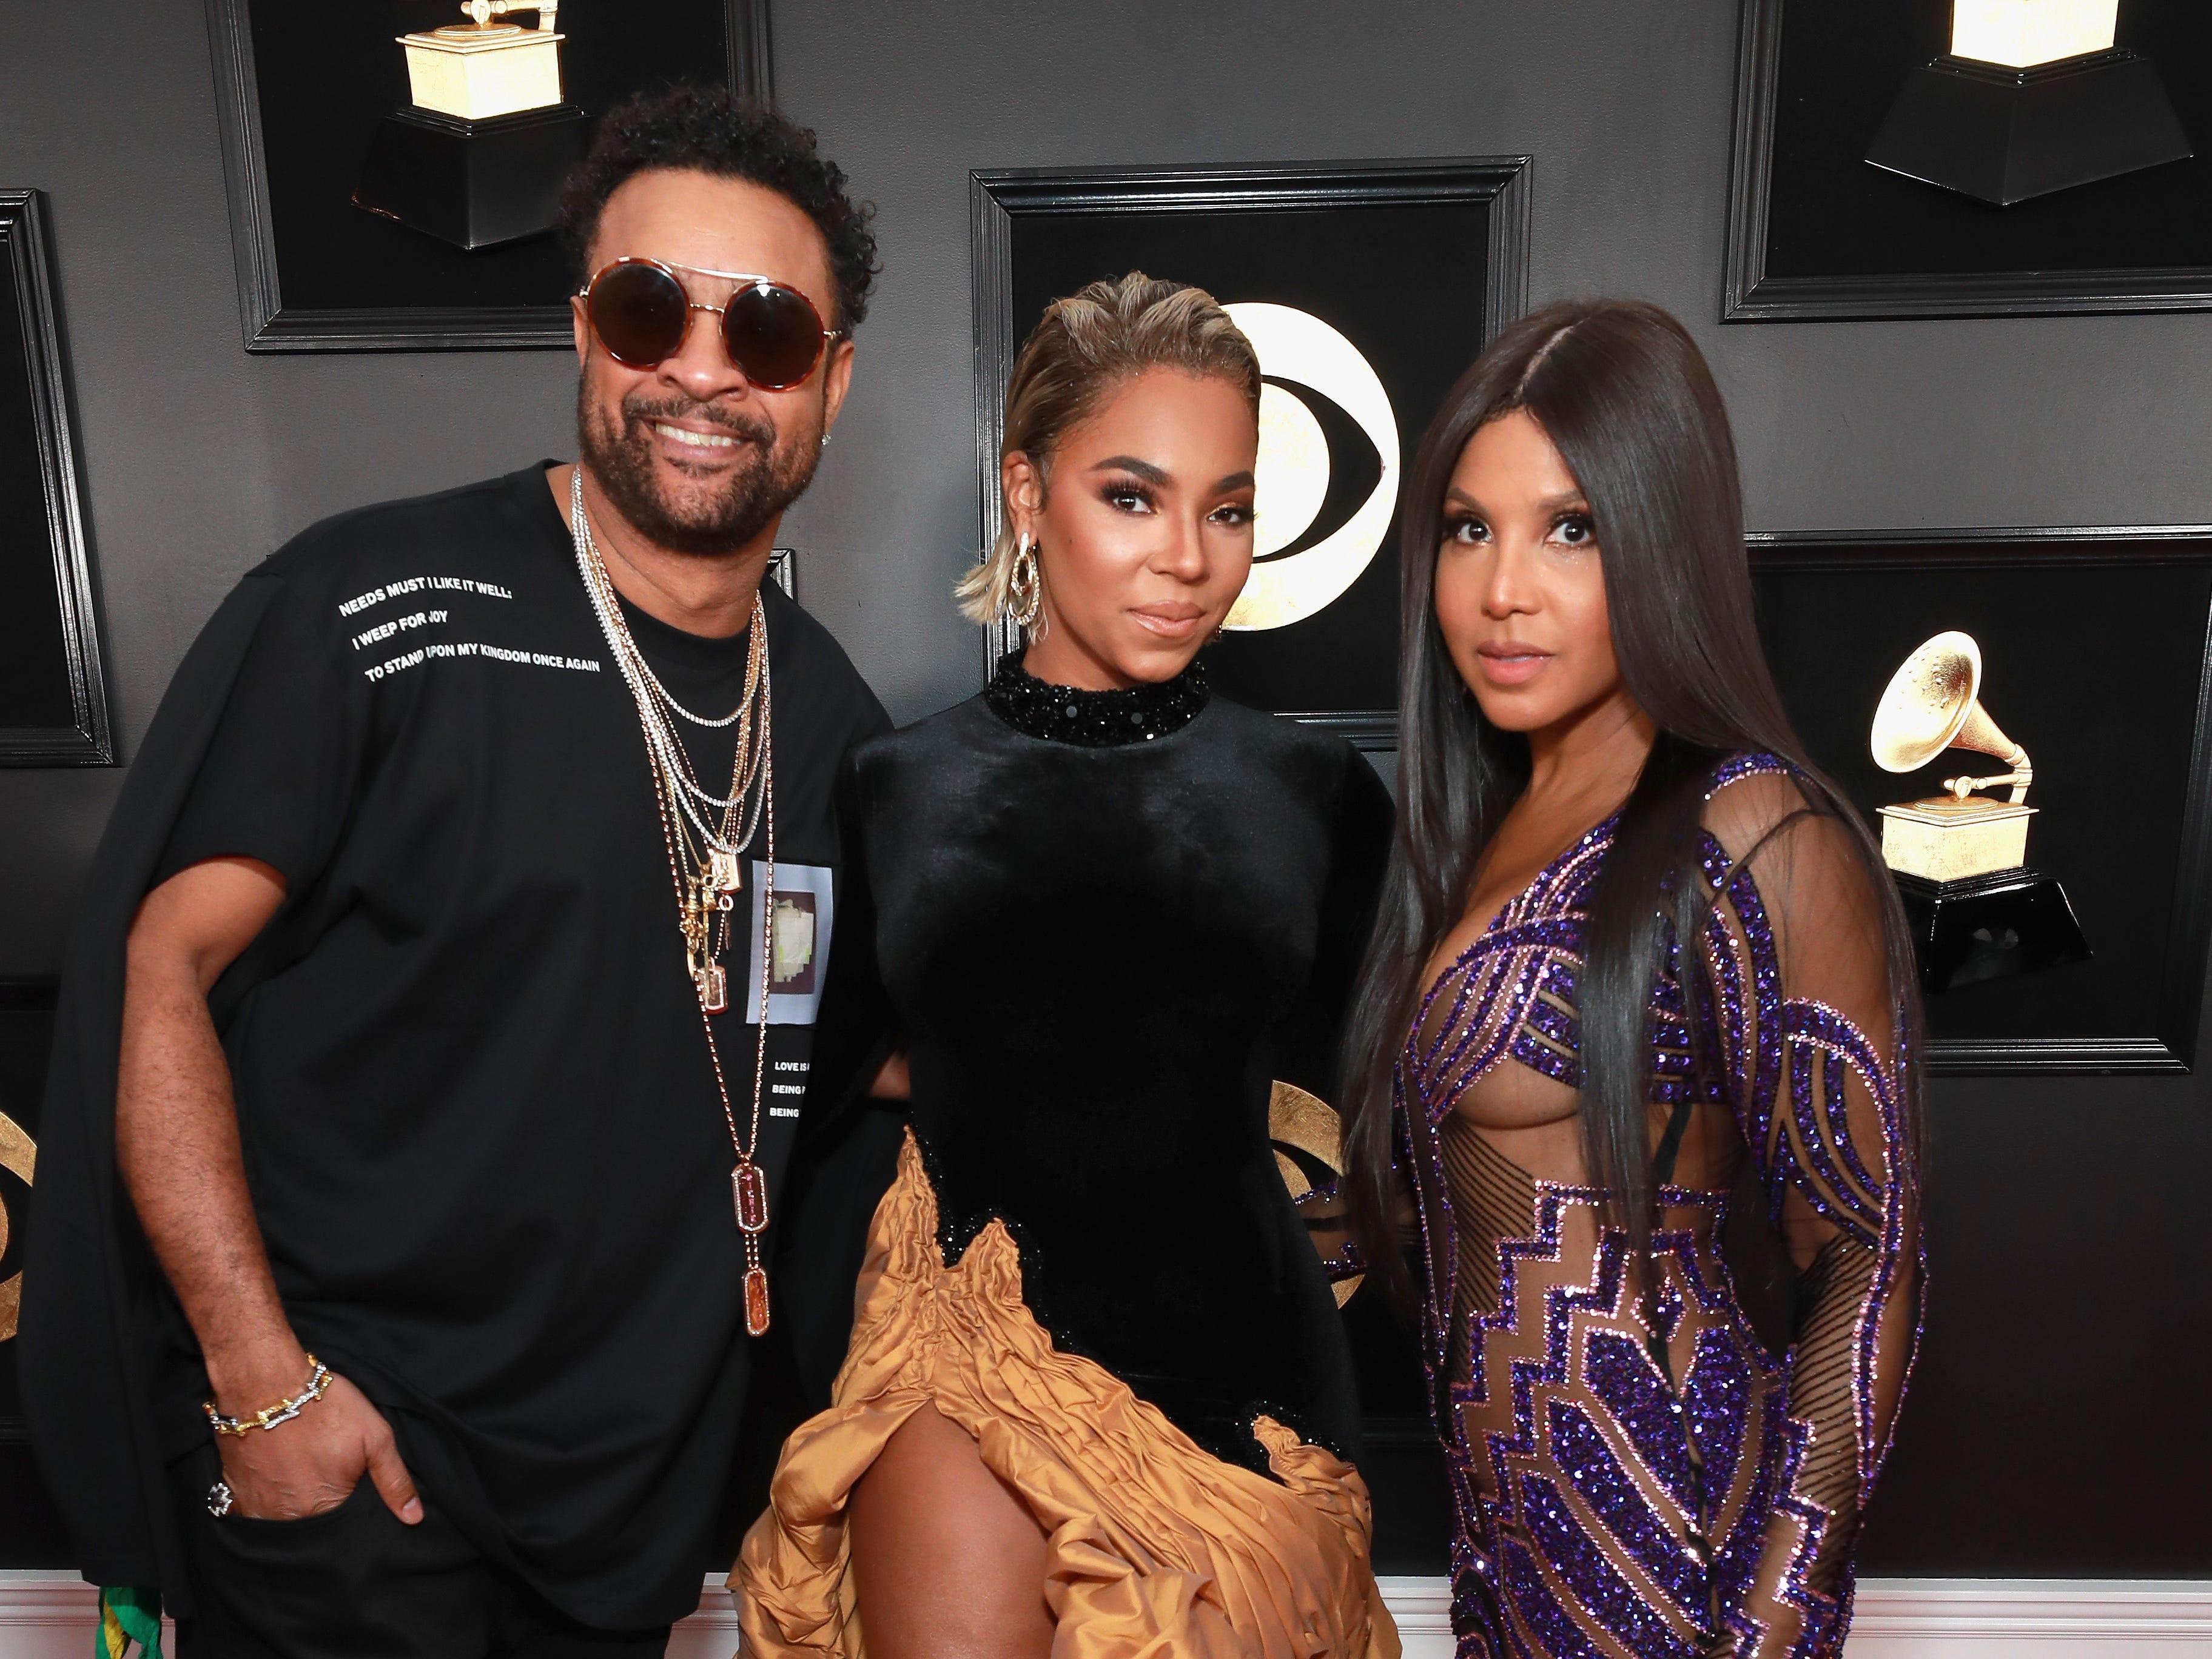 Shaggy ,Ashanti y Toni Braxton asisten a la 61ª edición de los premios GRAMMY en el Staples Center el 10 de febrero de 2019 en Los Ángeles, California.